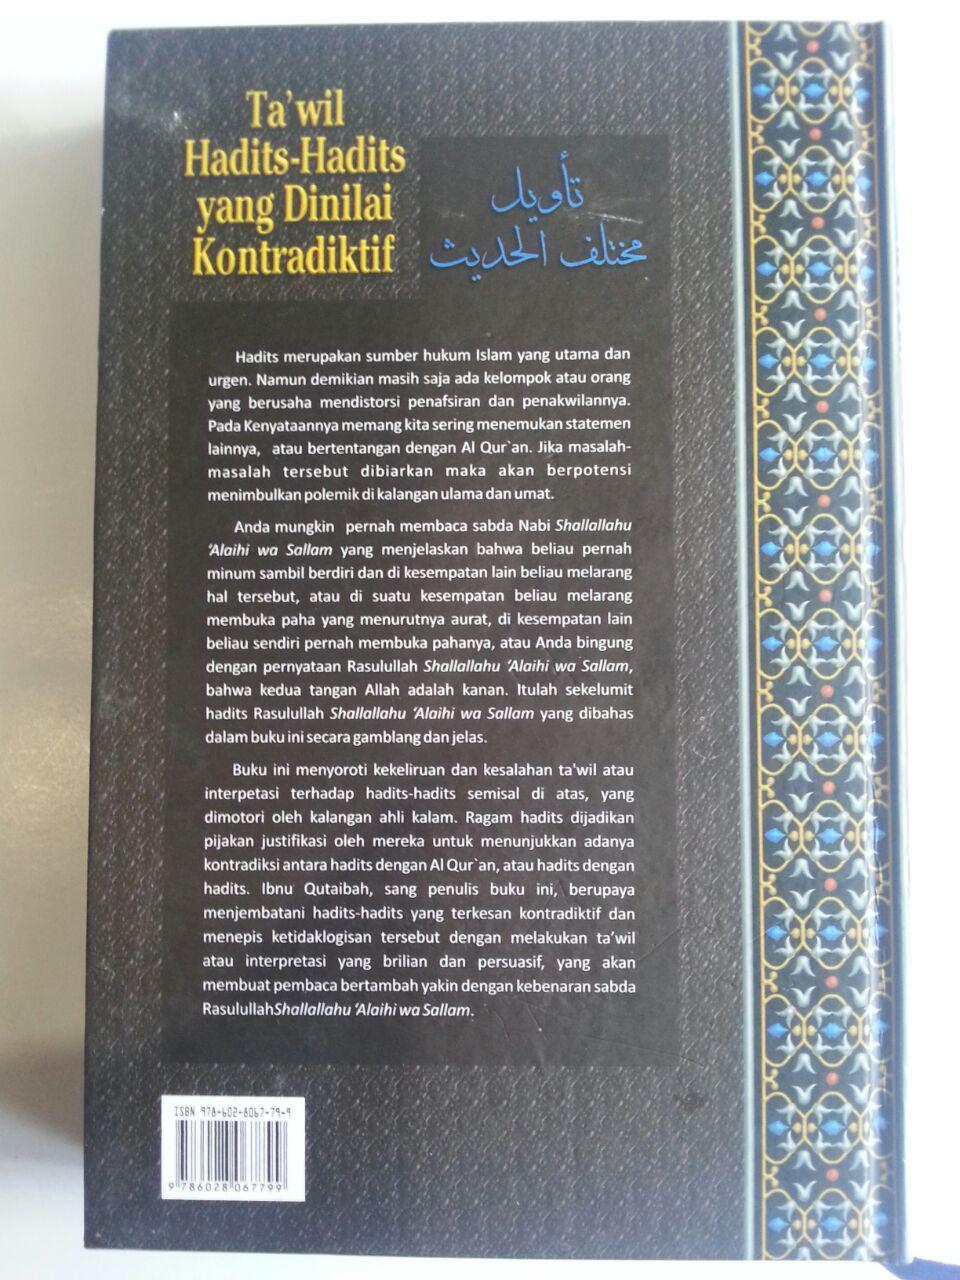 Buku Ta'wil Hadits-Hadits Yang Dinilai Kontrakdiktif cover 2